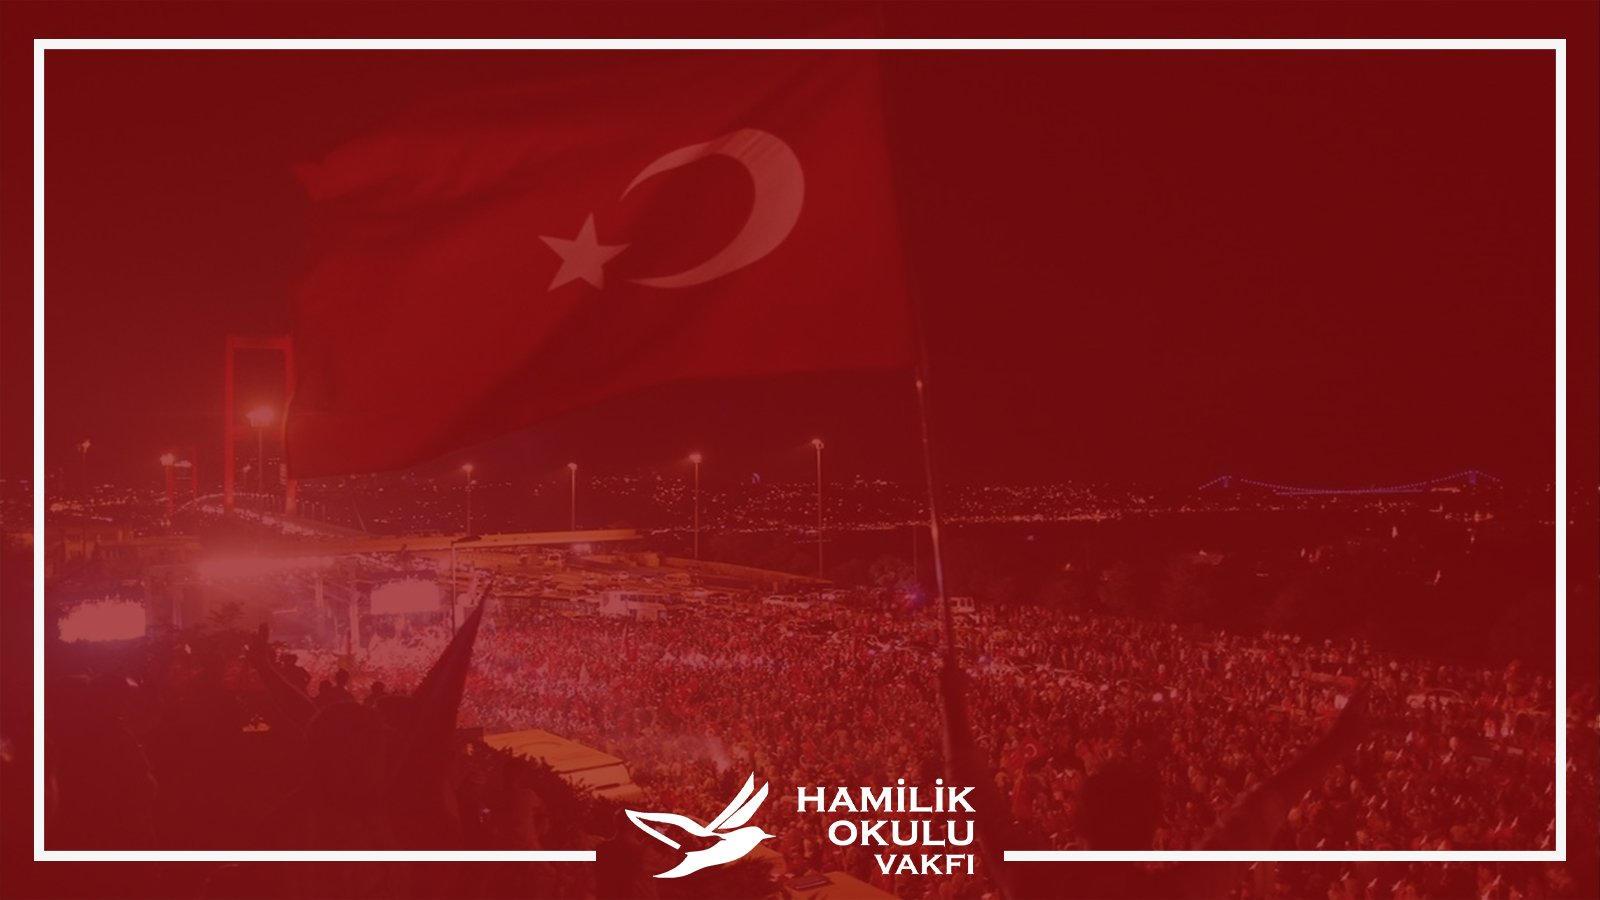 15 Temmuz Demokrasi ve Millî Birlik Günümüz Kutlu Olsun! post thumbnail